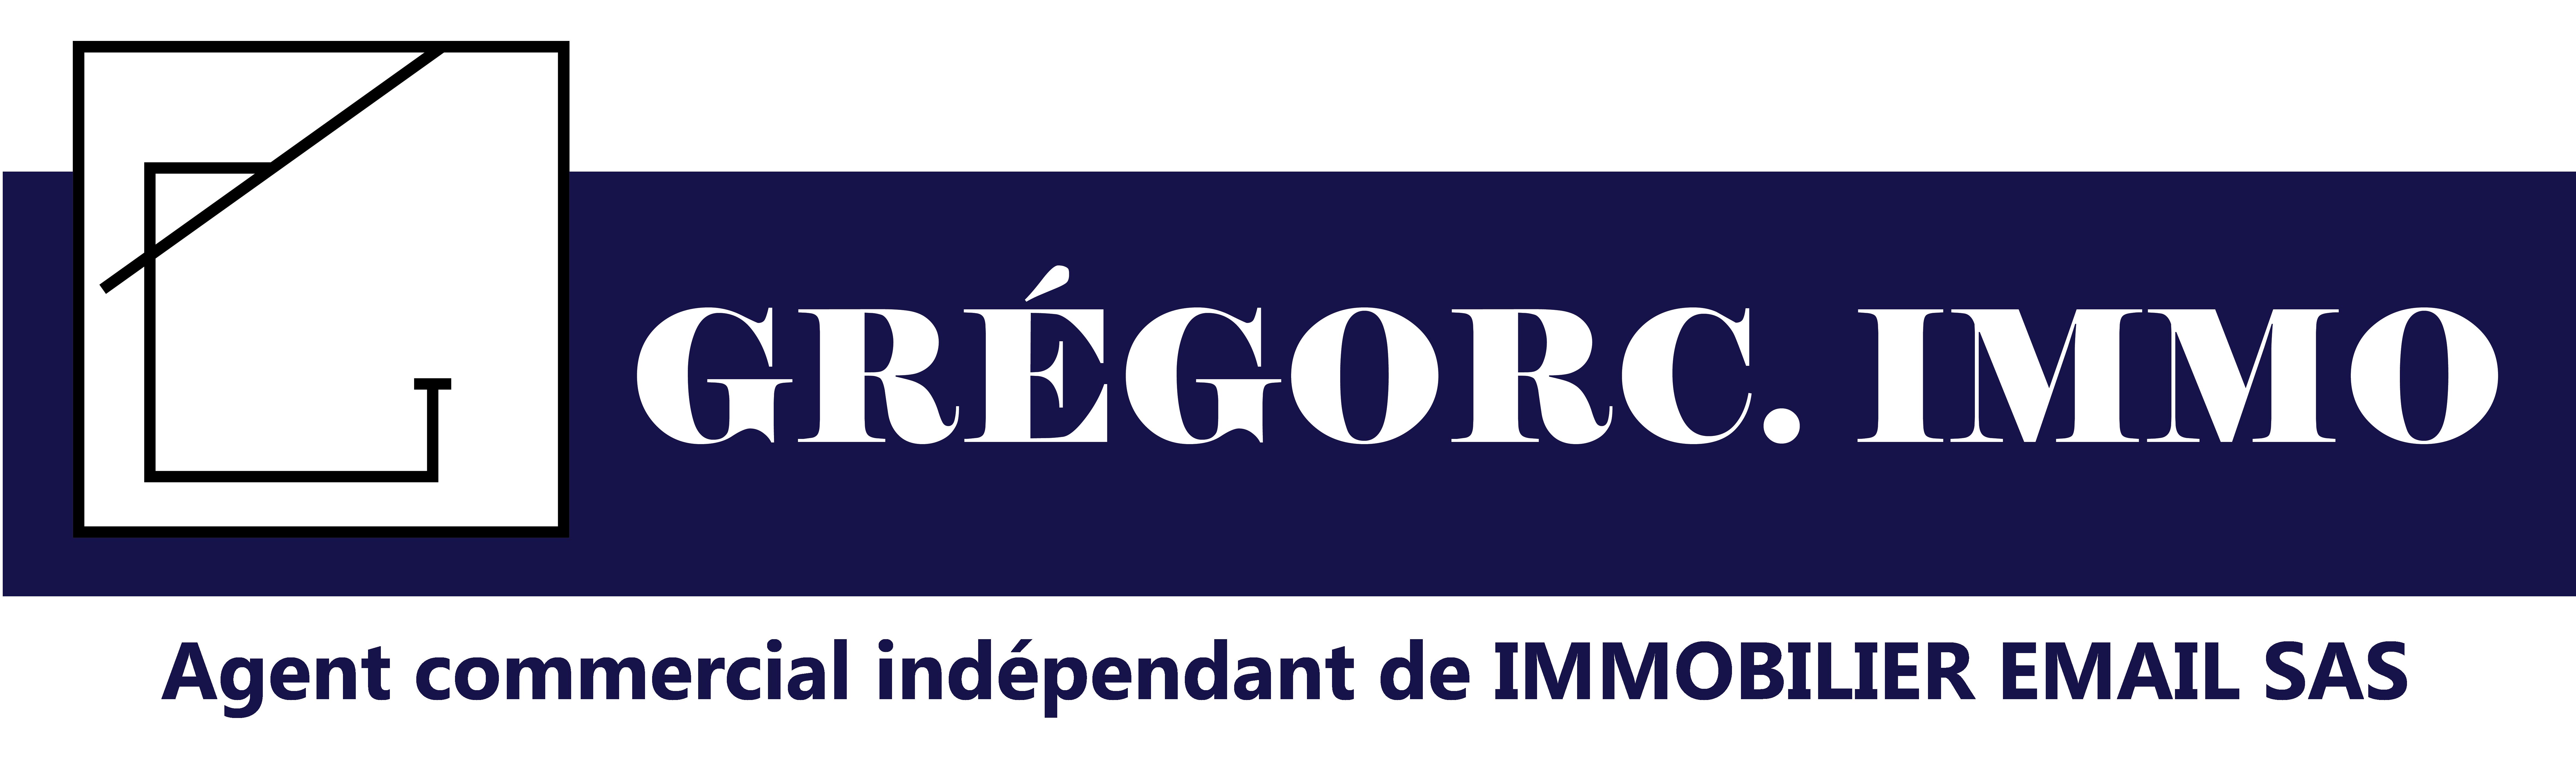 Daniel Gregorc  agent commercial indépendant sous l'enseigne: GREGORC IMMO